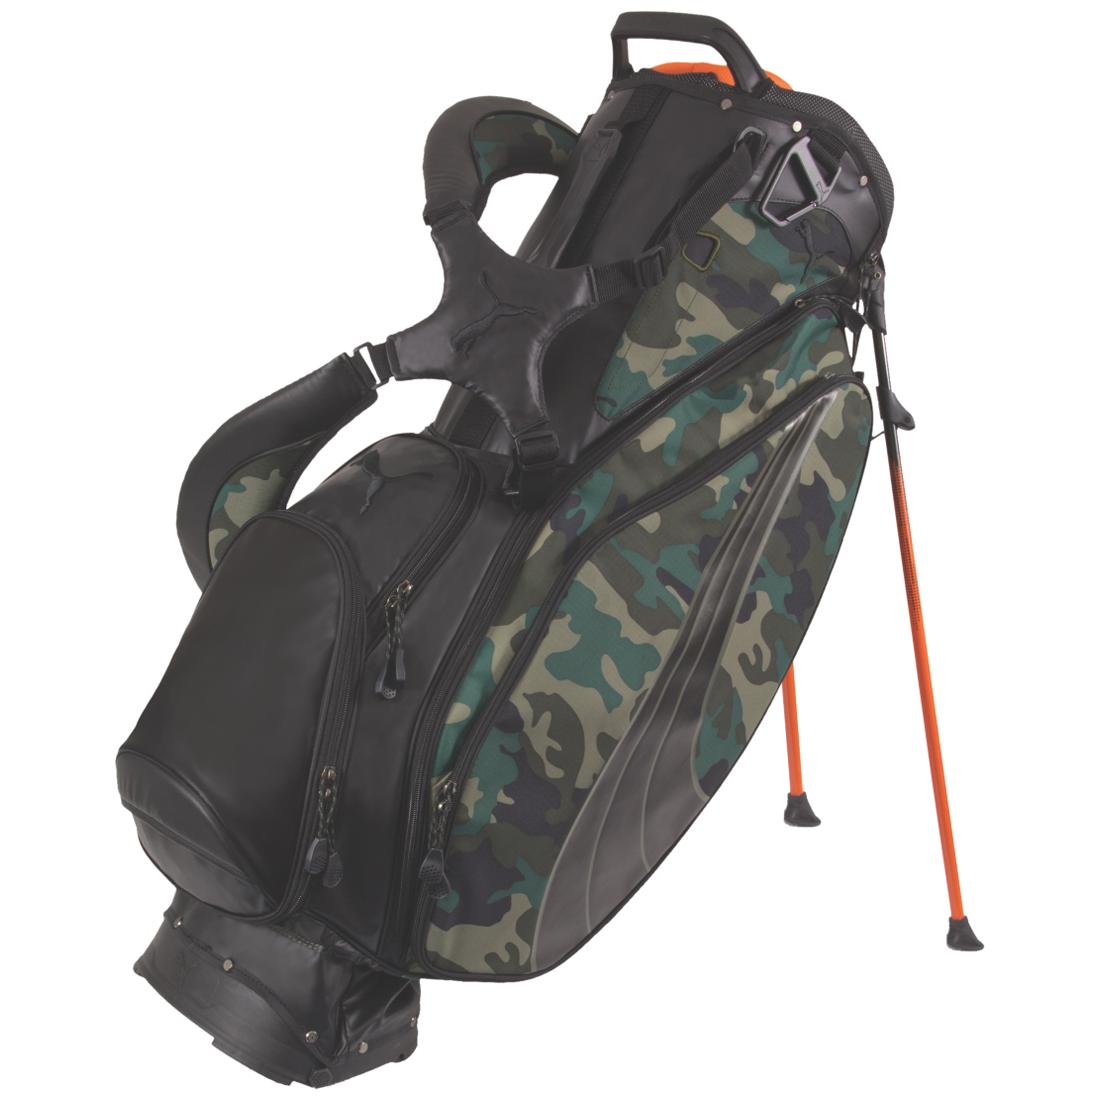 50bf66bef9de Puma Form Stripe Camo Stand Golf Bag http   www.golfdiscount.com